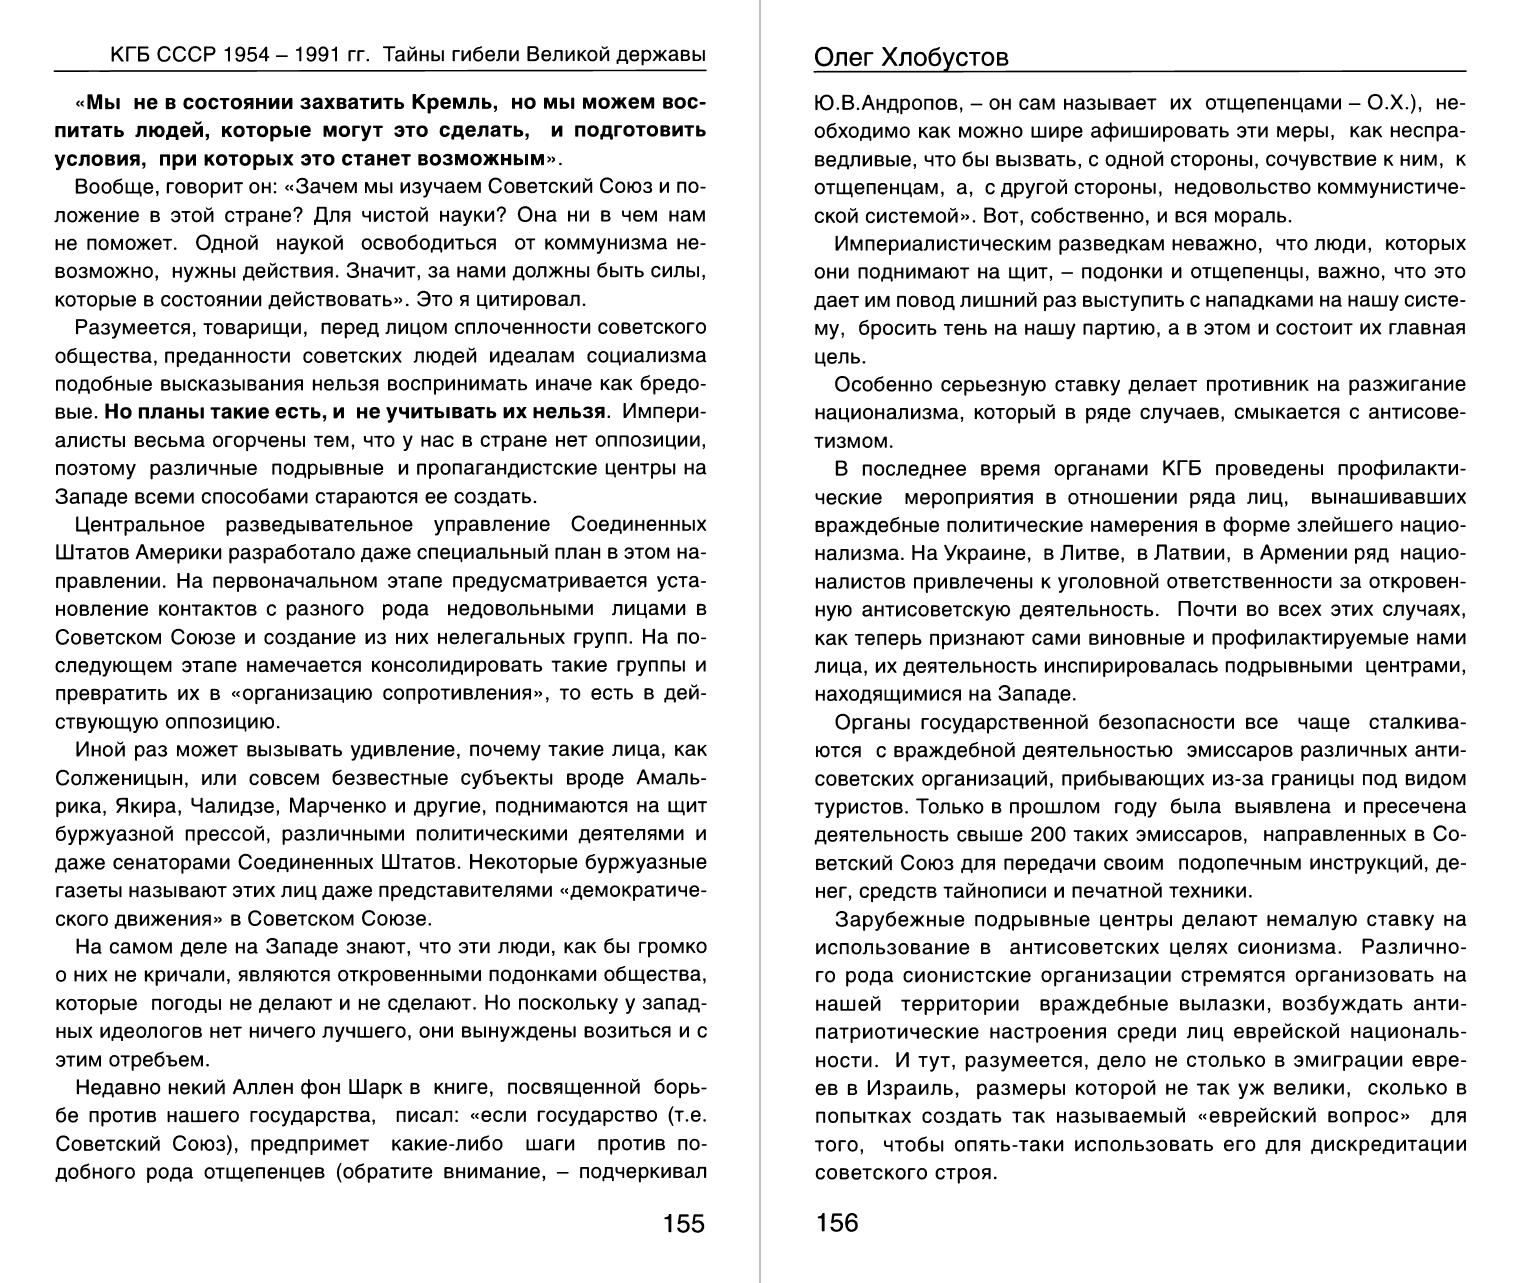 Хлобустов-с.155-156